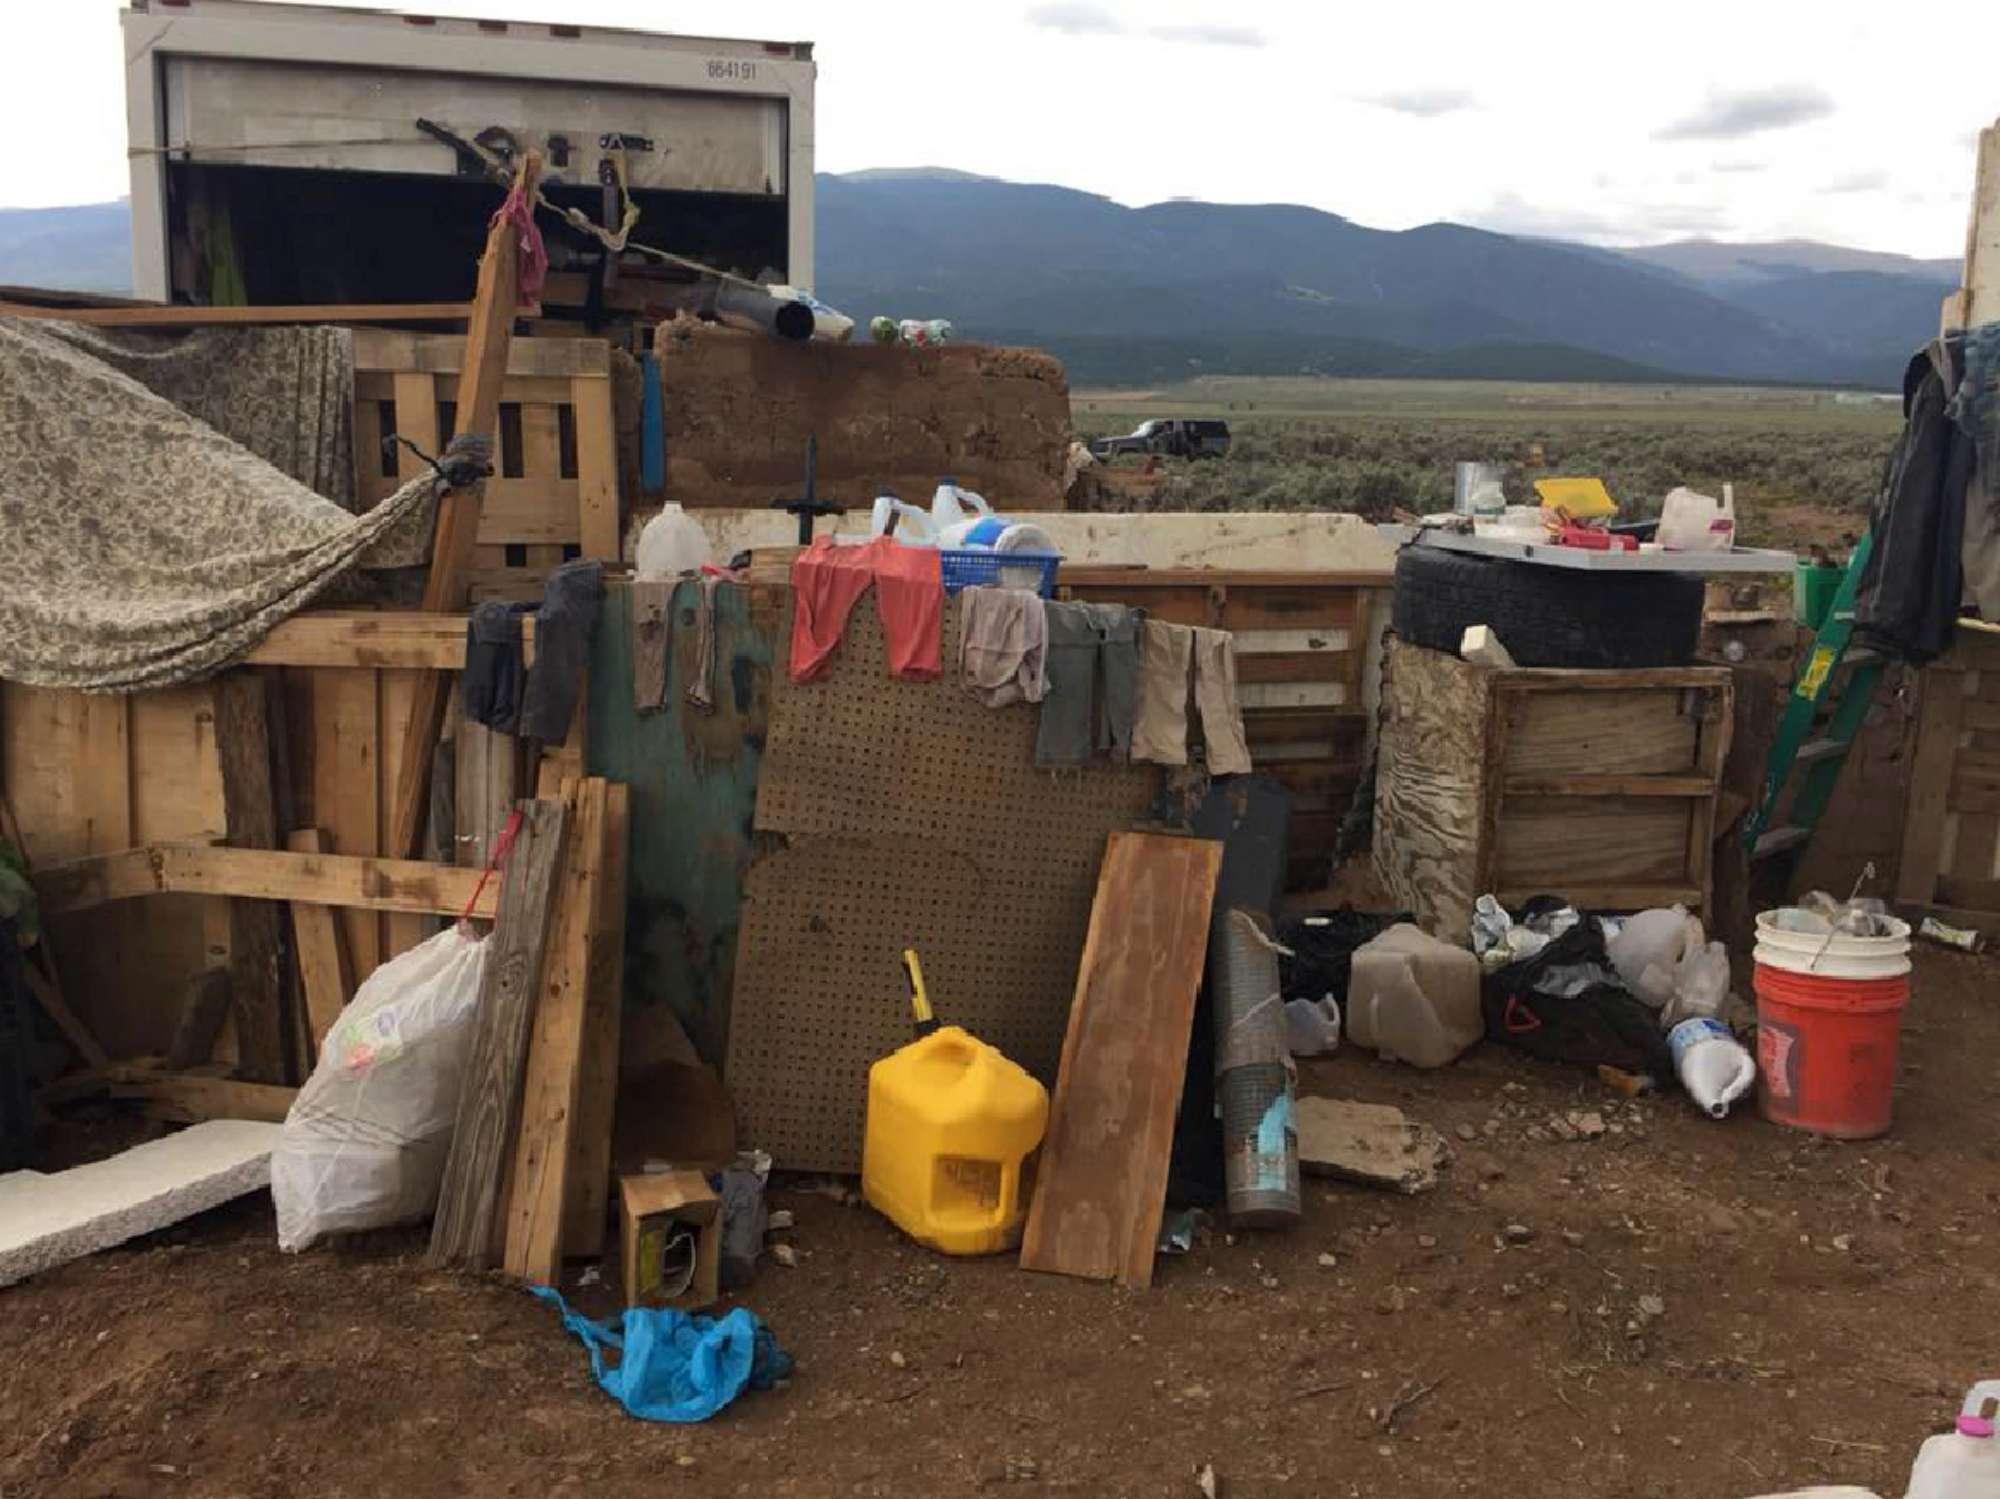 Salvati 11 bimbi prigionieri in New Mexico, la casa-lager